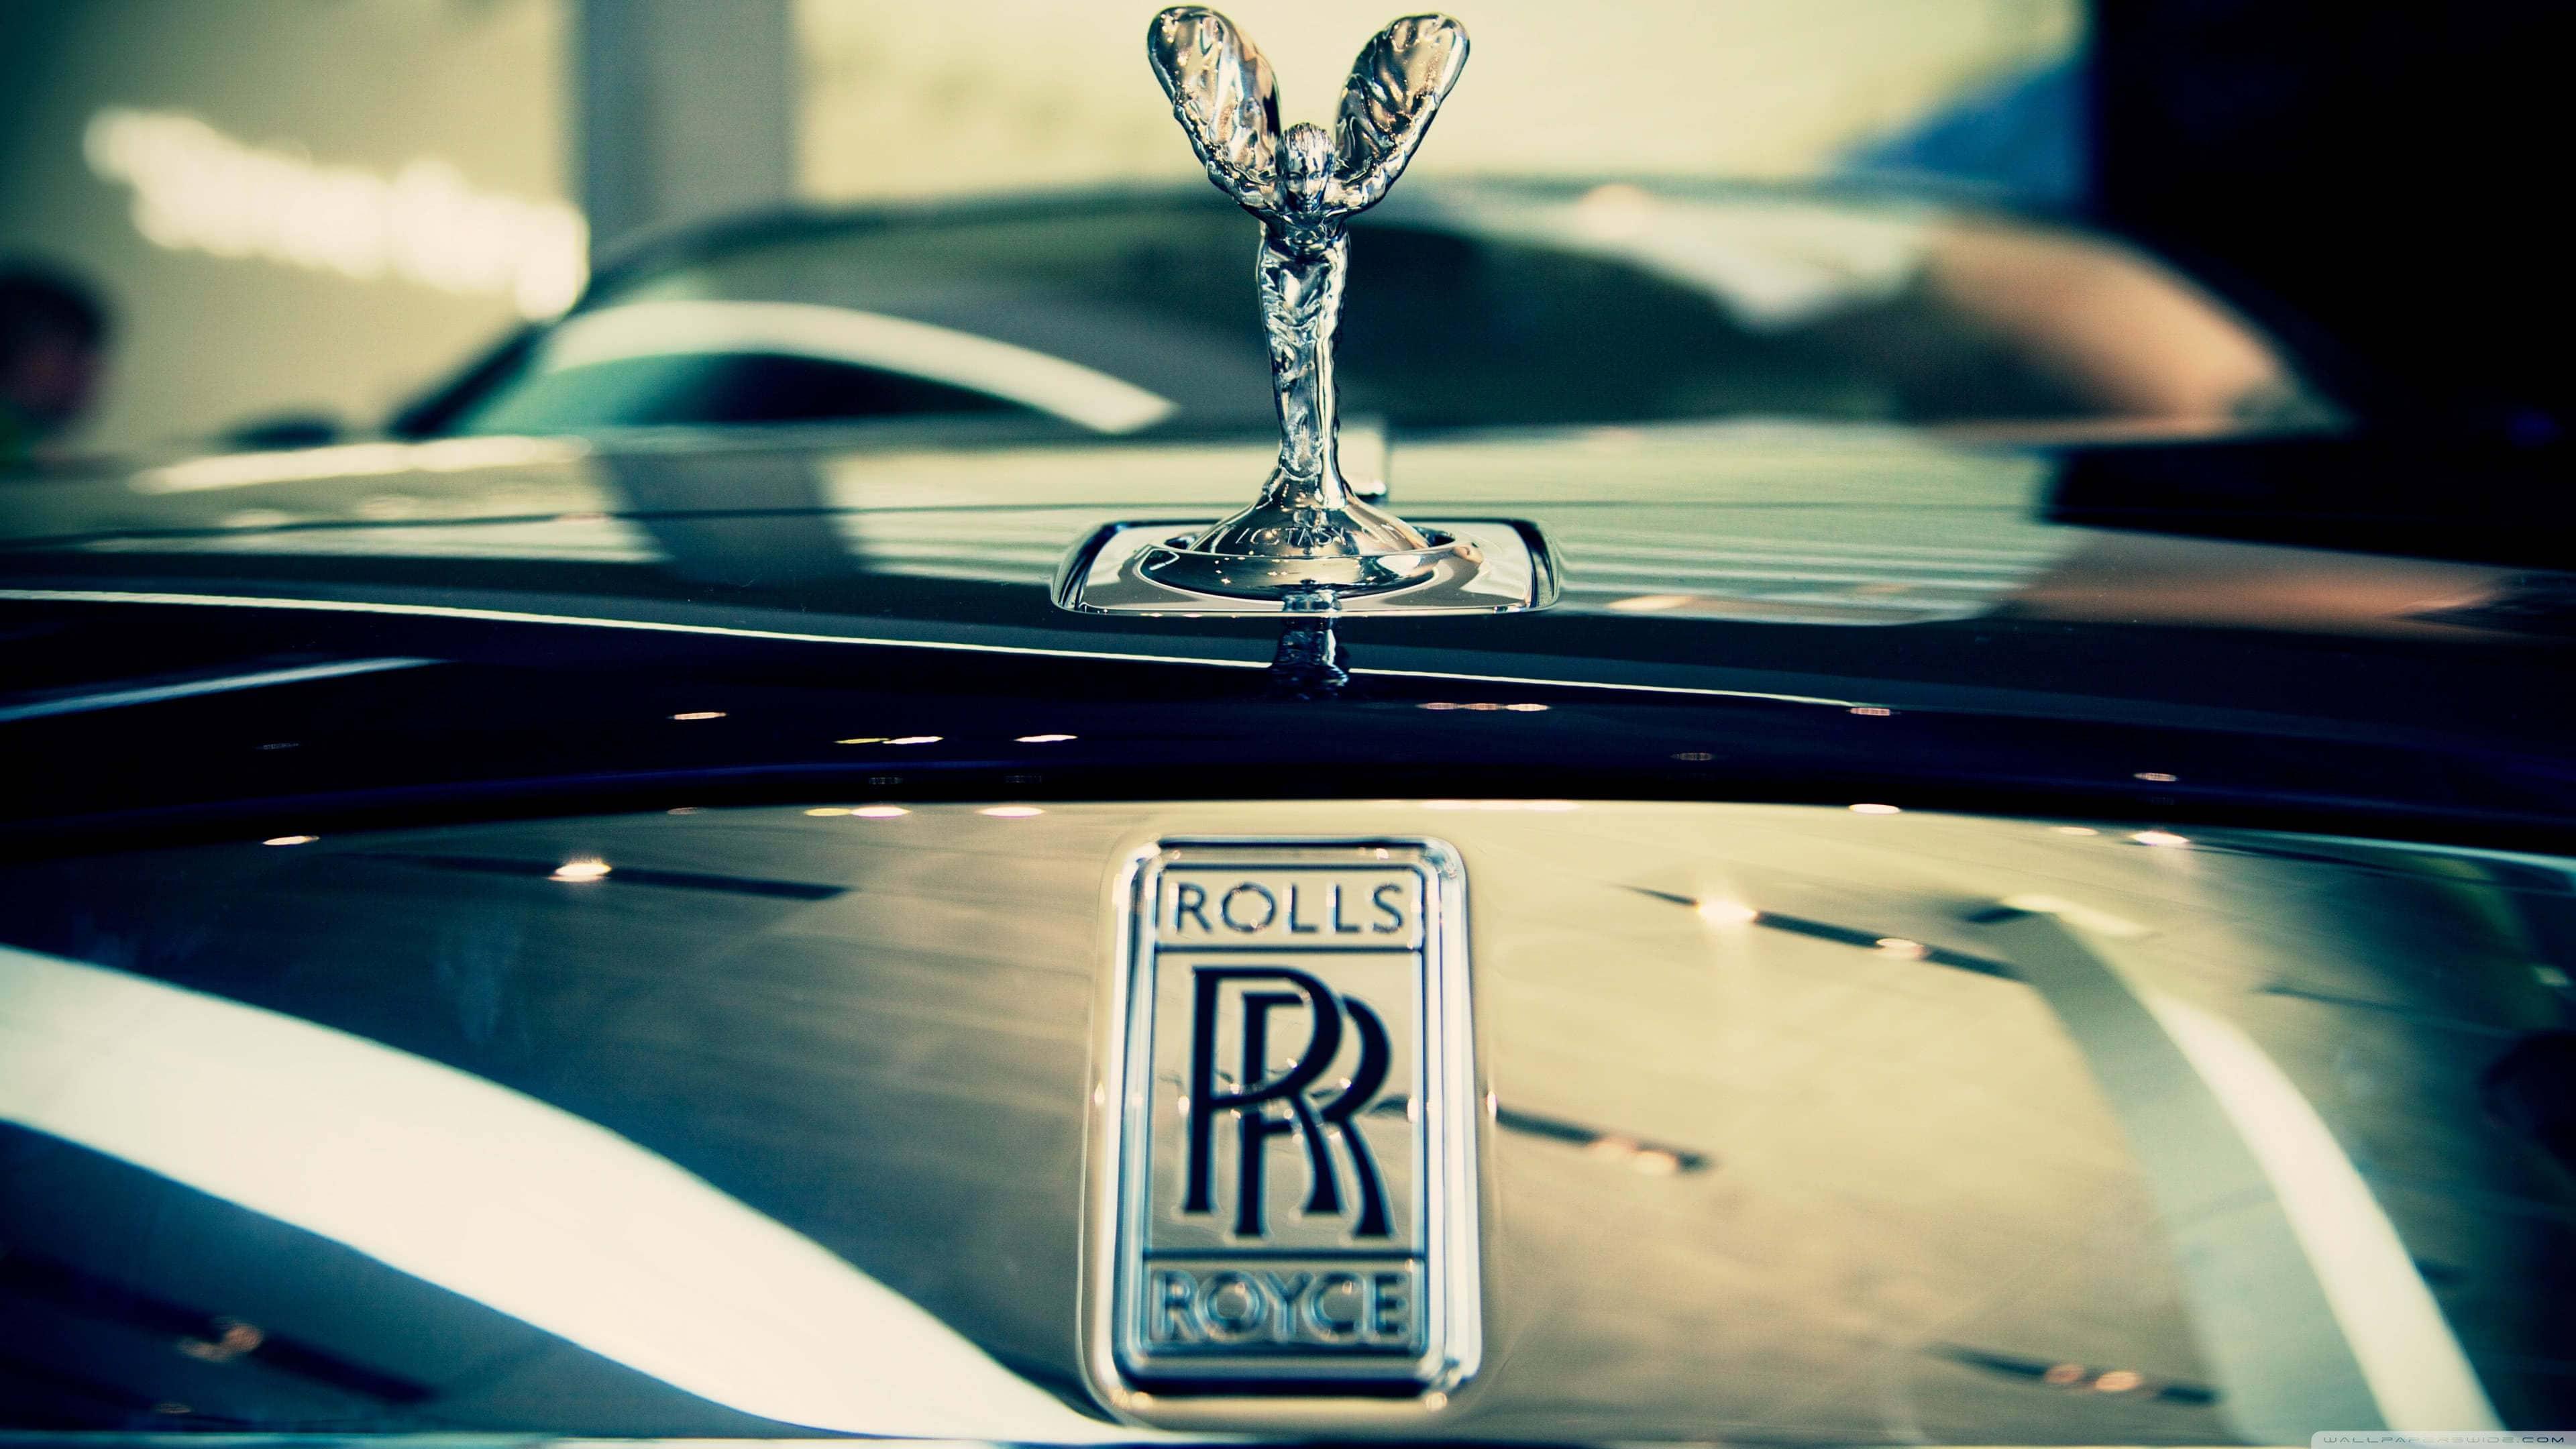 Rolls Royce Logo Uhd 4k Wallpaper Pixelz